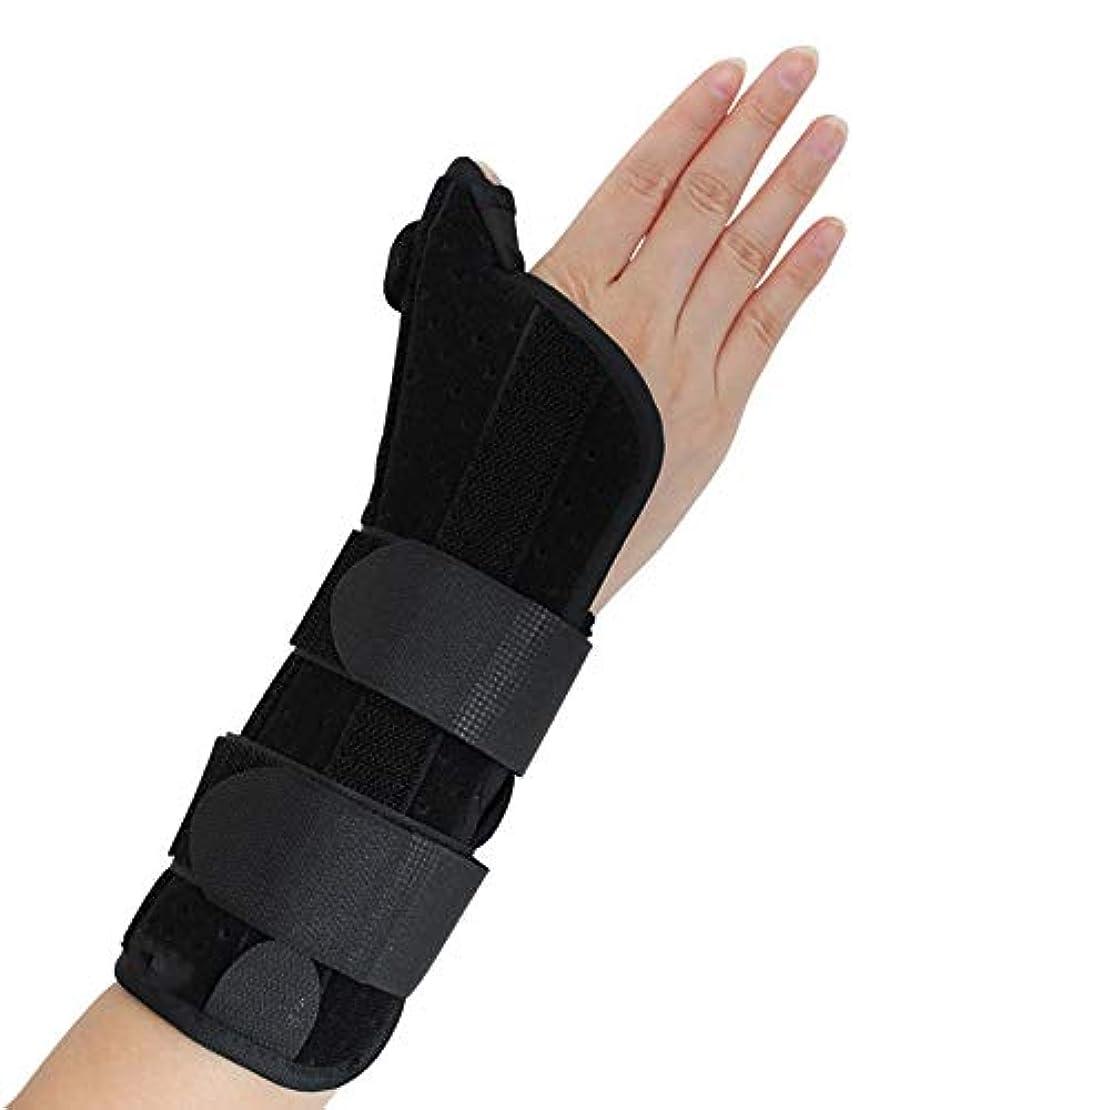 週末取り壊す認可腱鞘炎、手根管痛、腱炎、関節炎、捻rain、骨折前腕サポートキャスト用の親指スピカスプリント付き手首装具,M